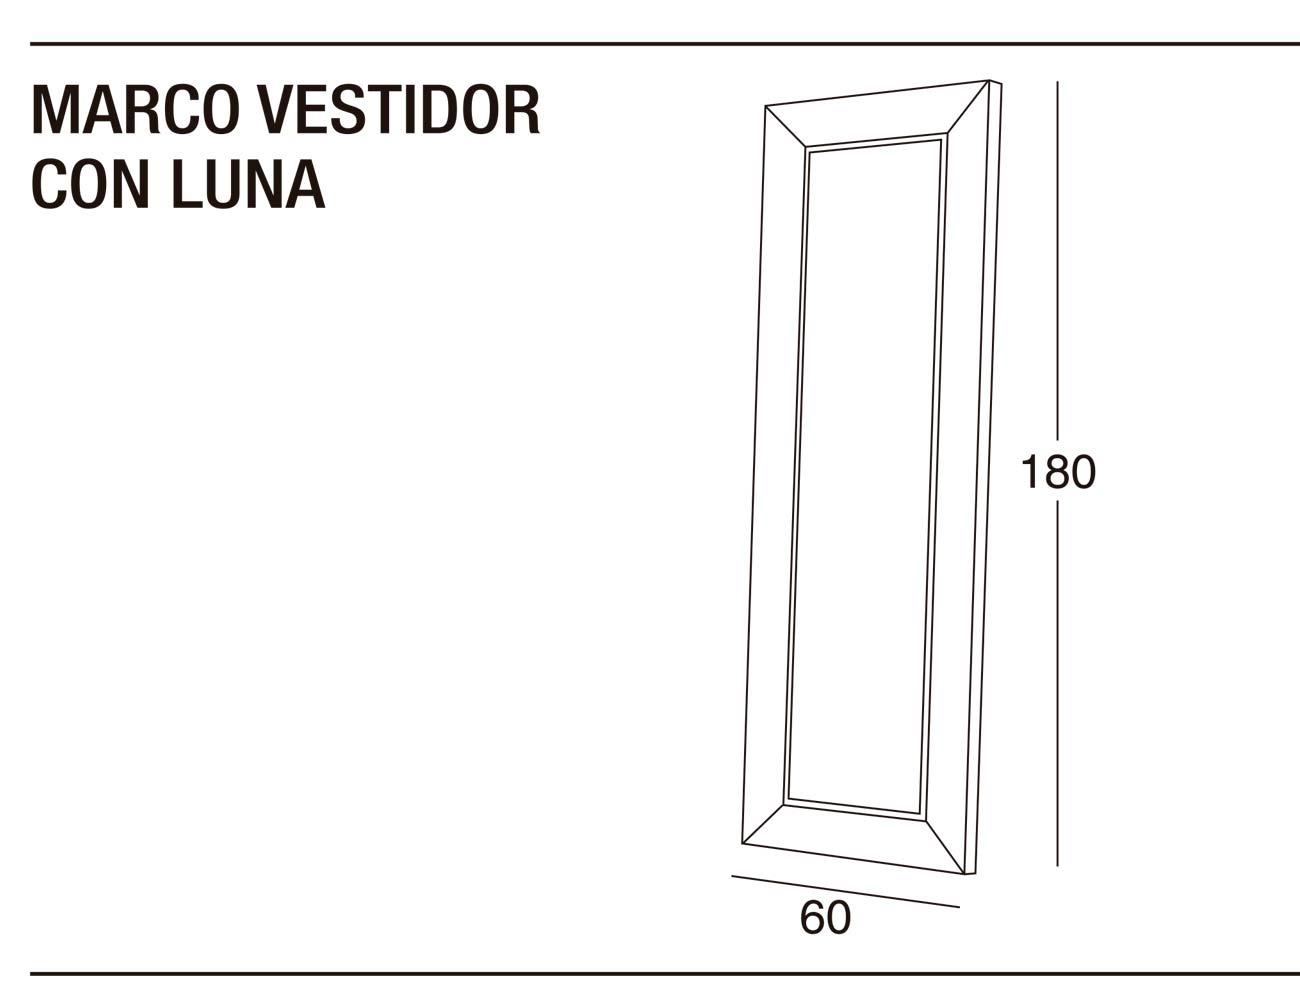 Marco vestidor luna 60x180